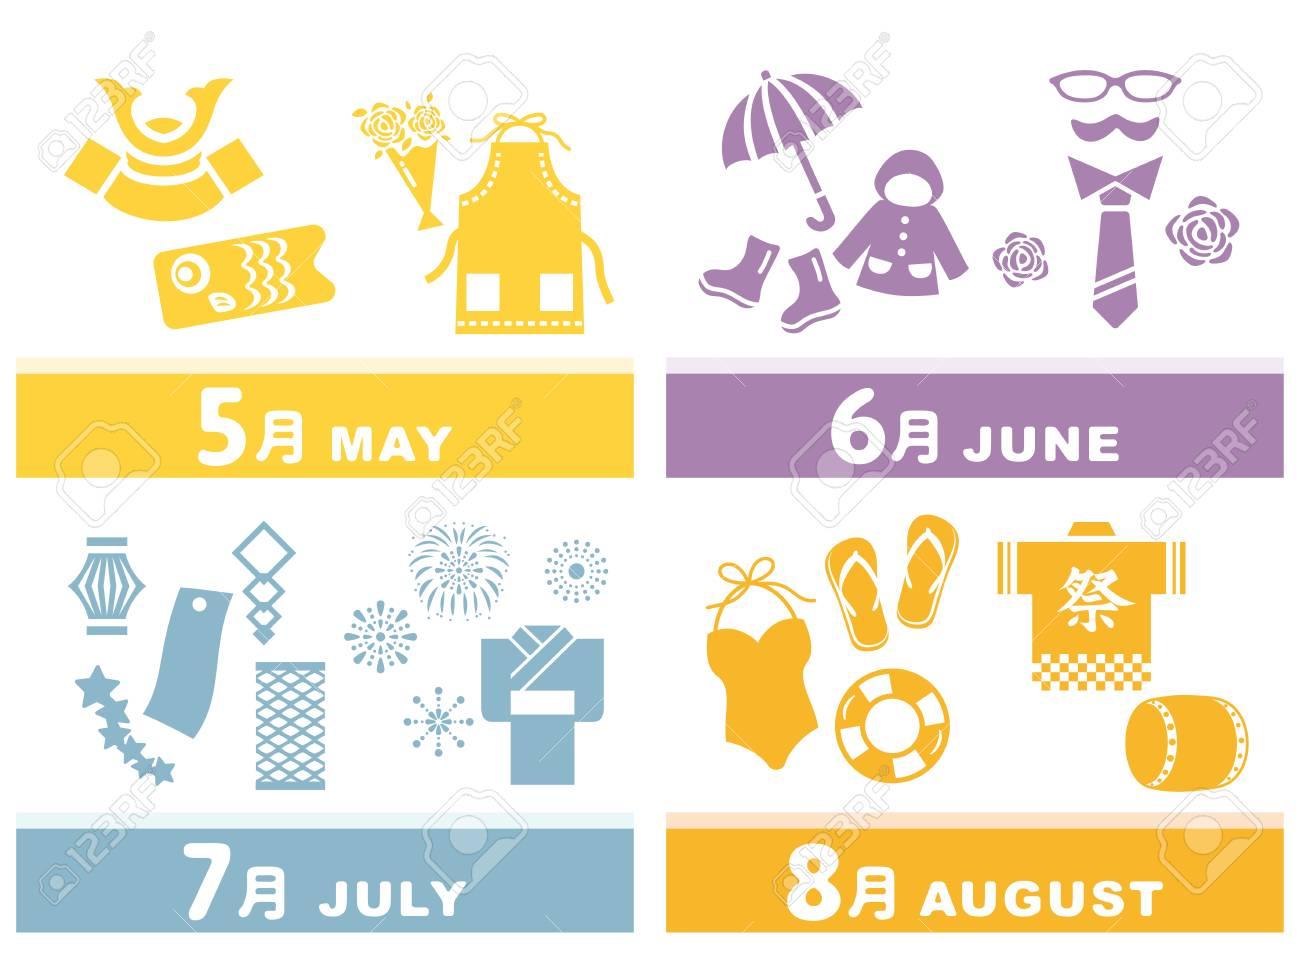 日本の 5 月6 月7 月8 月の伝統行事のイラスト素材ベクタ